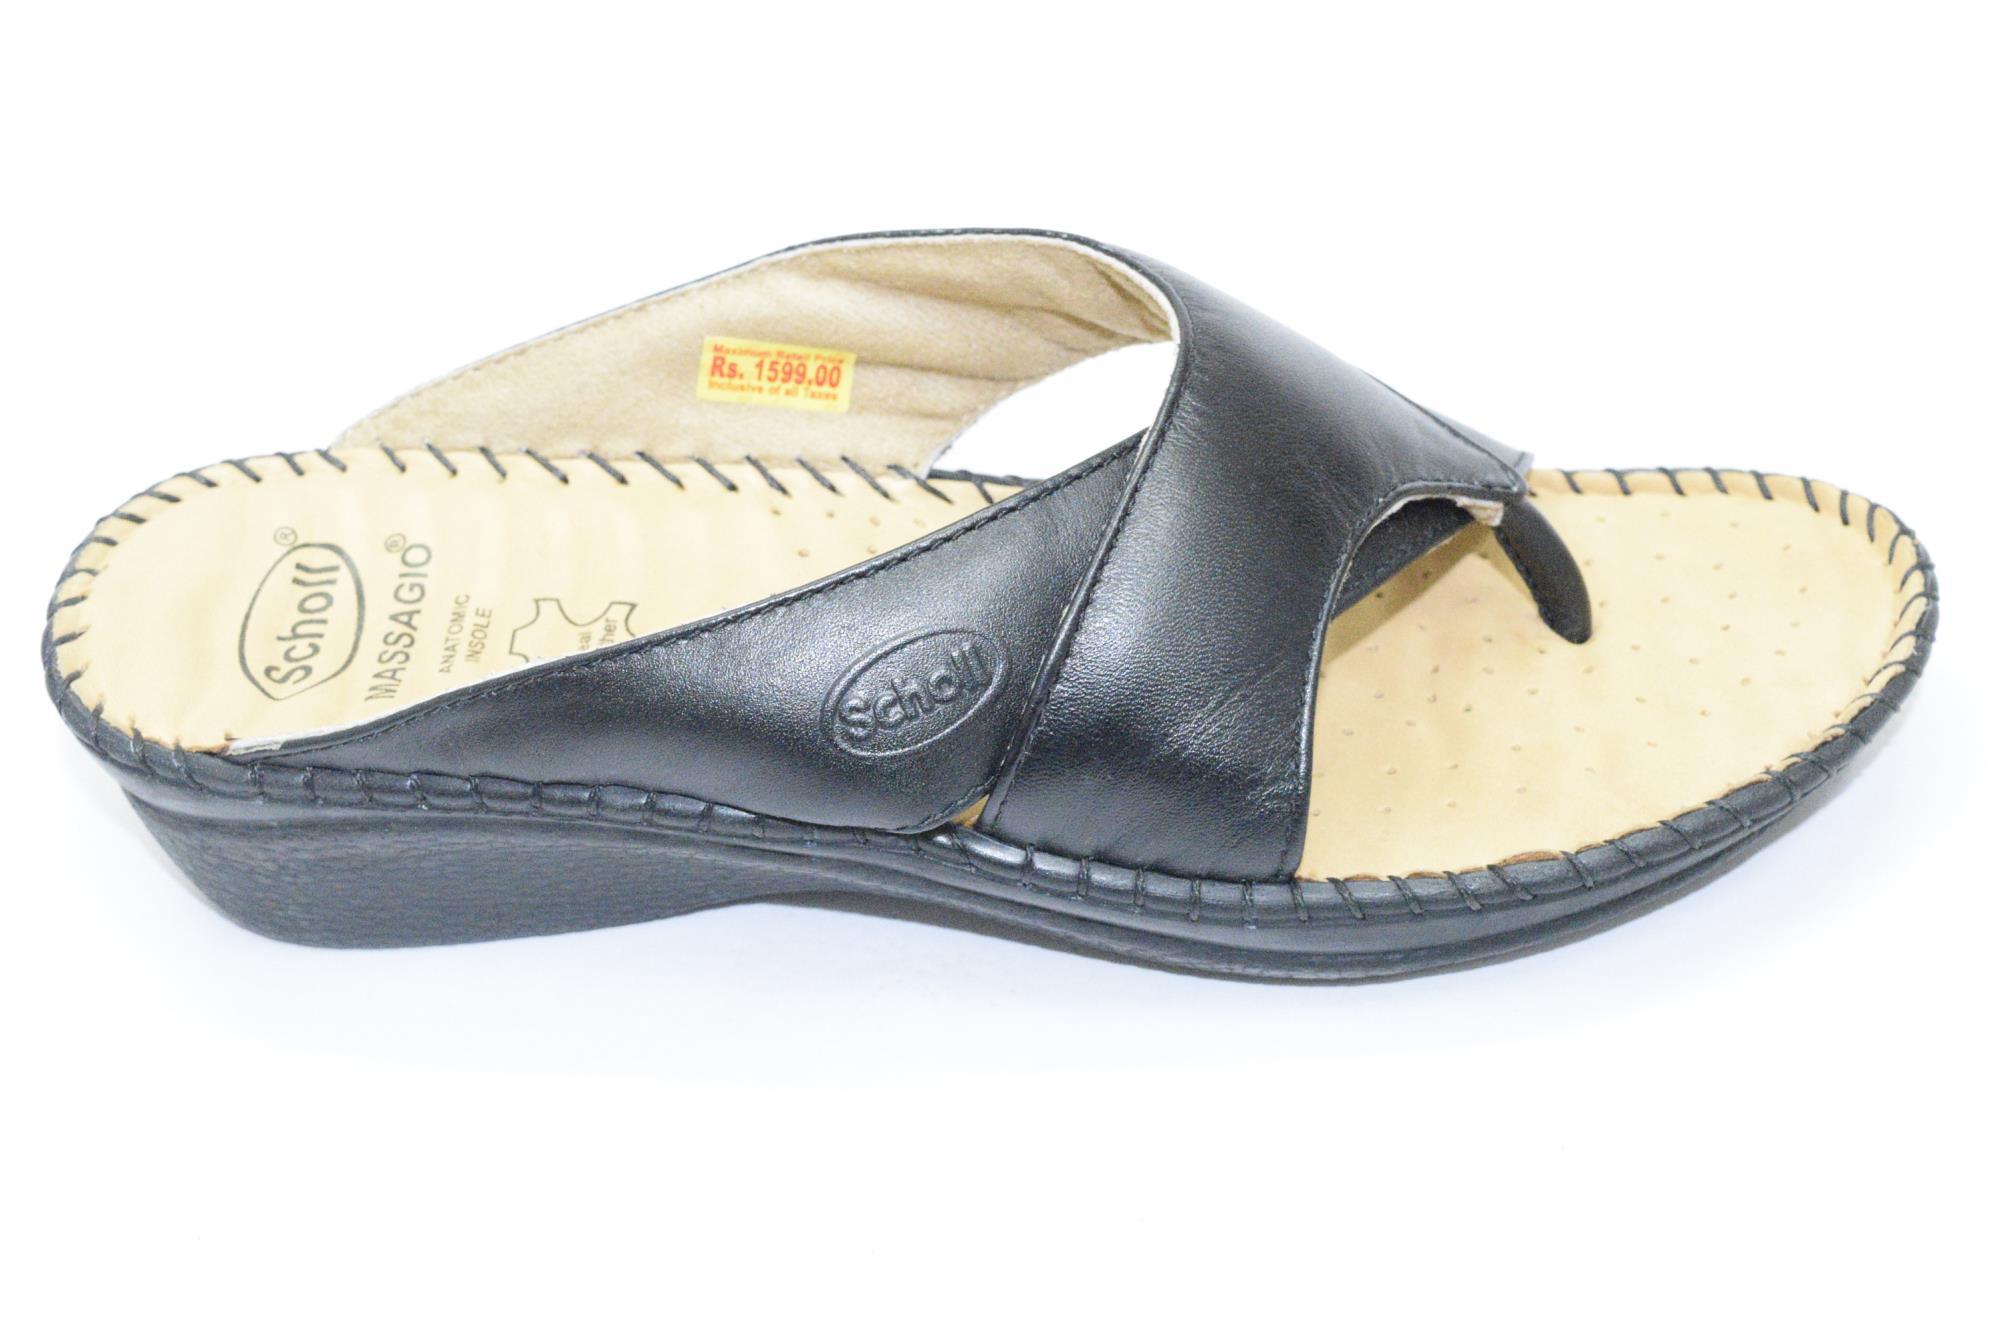 83a5a55e34f5 Dr scholl bata chappal online shopping parmar boot house jpg 2000x1336 Bata  chappal doctor